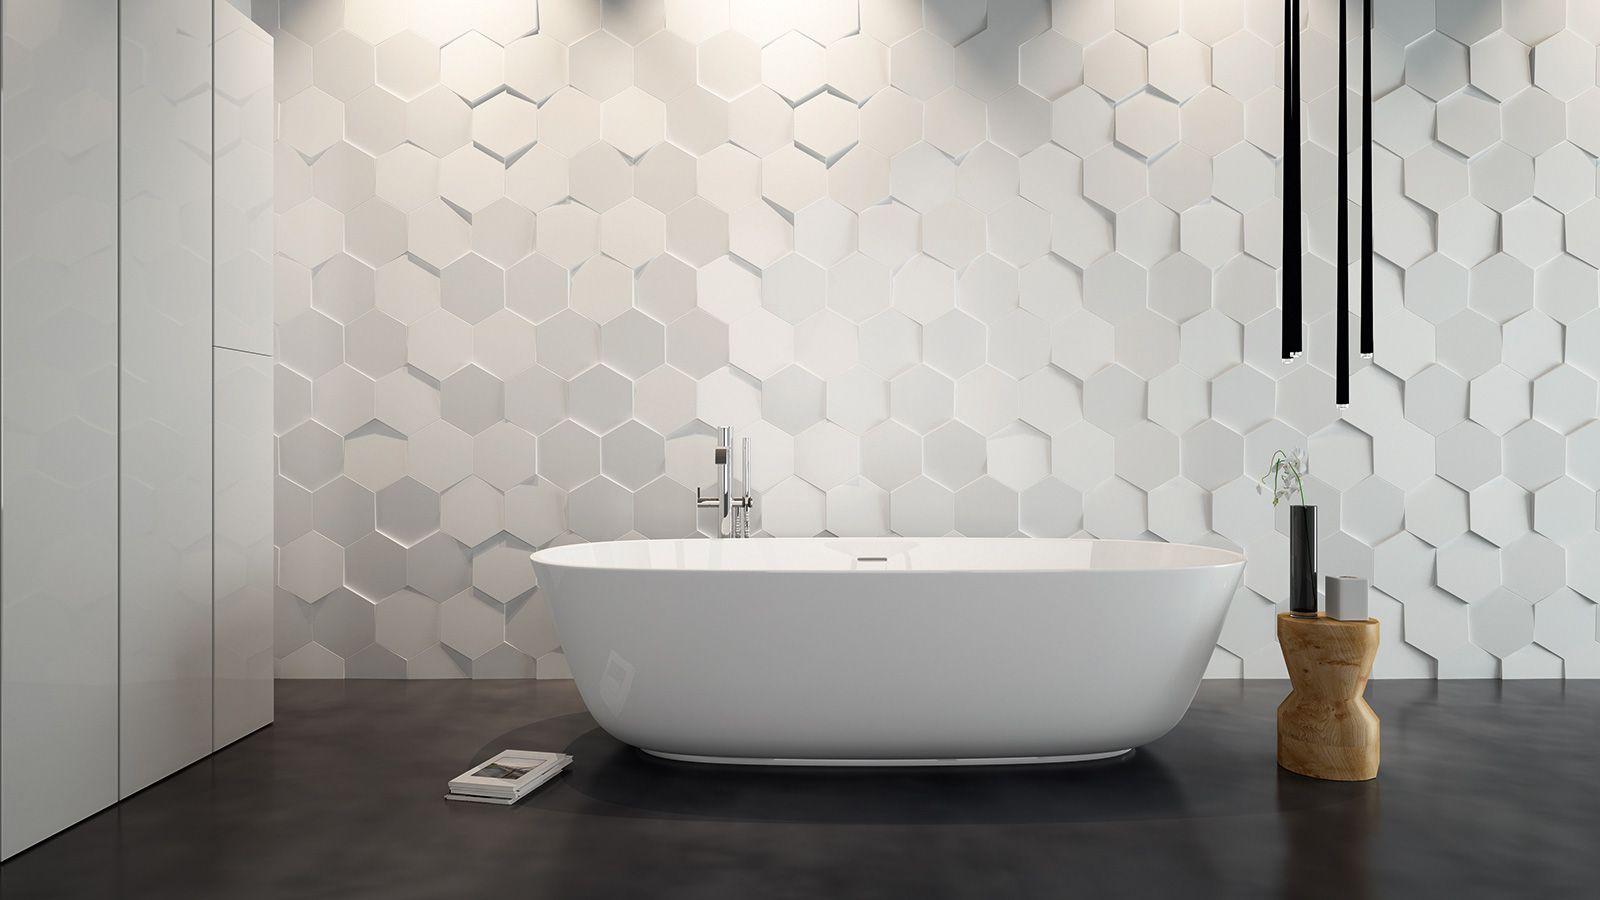 pin von md v auf bathrooms pinterest badezimmer badezimmer fliesen und fliesen. Black Bedroom Furniture Sets. Home Design Ideas